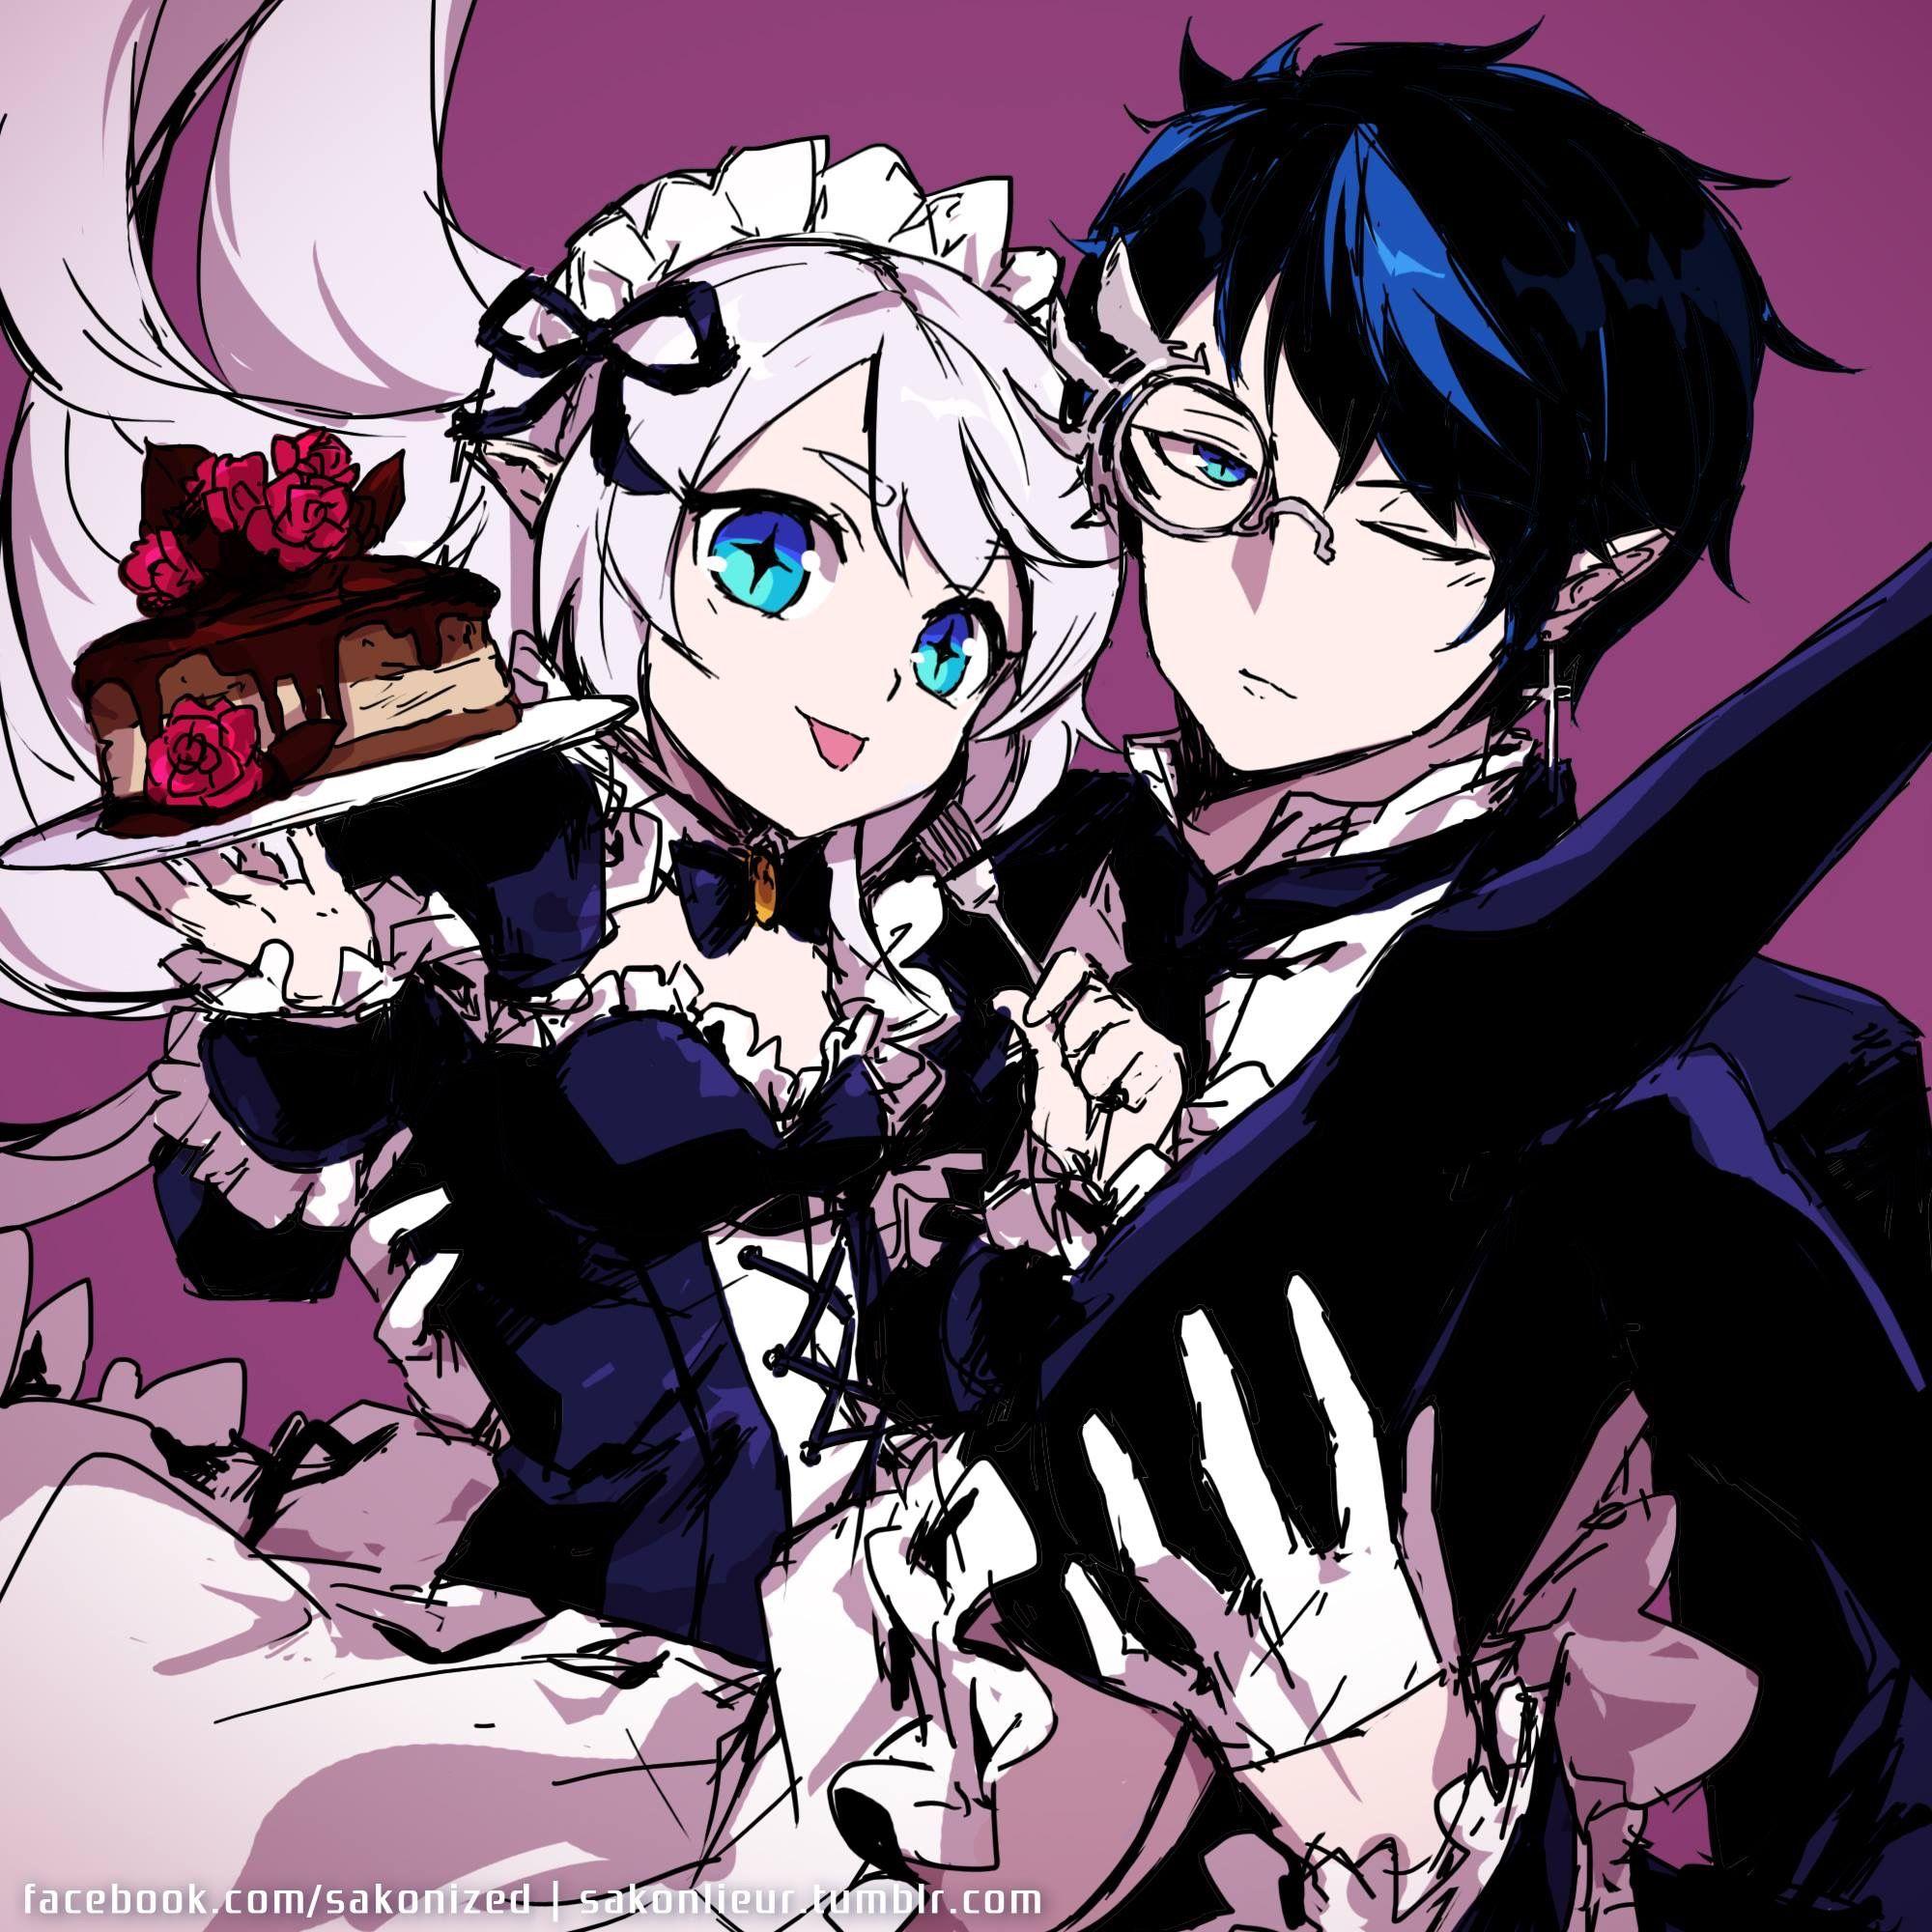 Lu and ciel from elsword   Anime. Nghệ thuật nhân vật. Manhwa